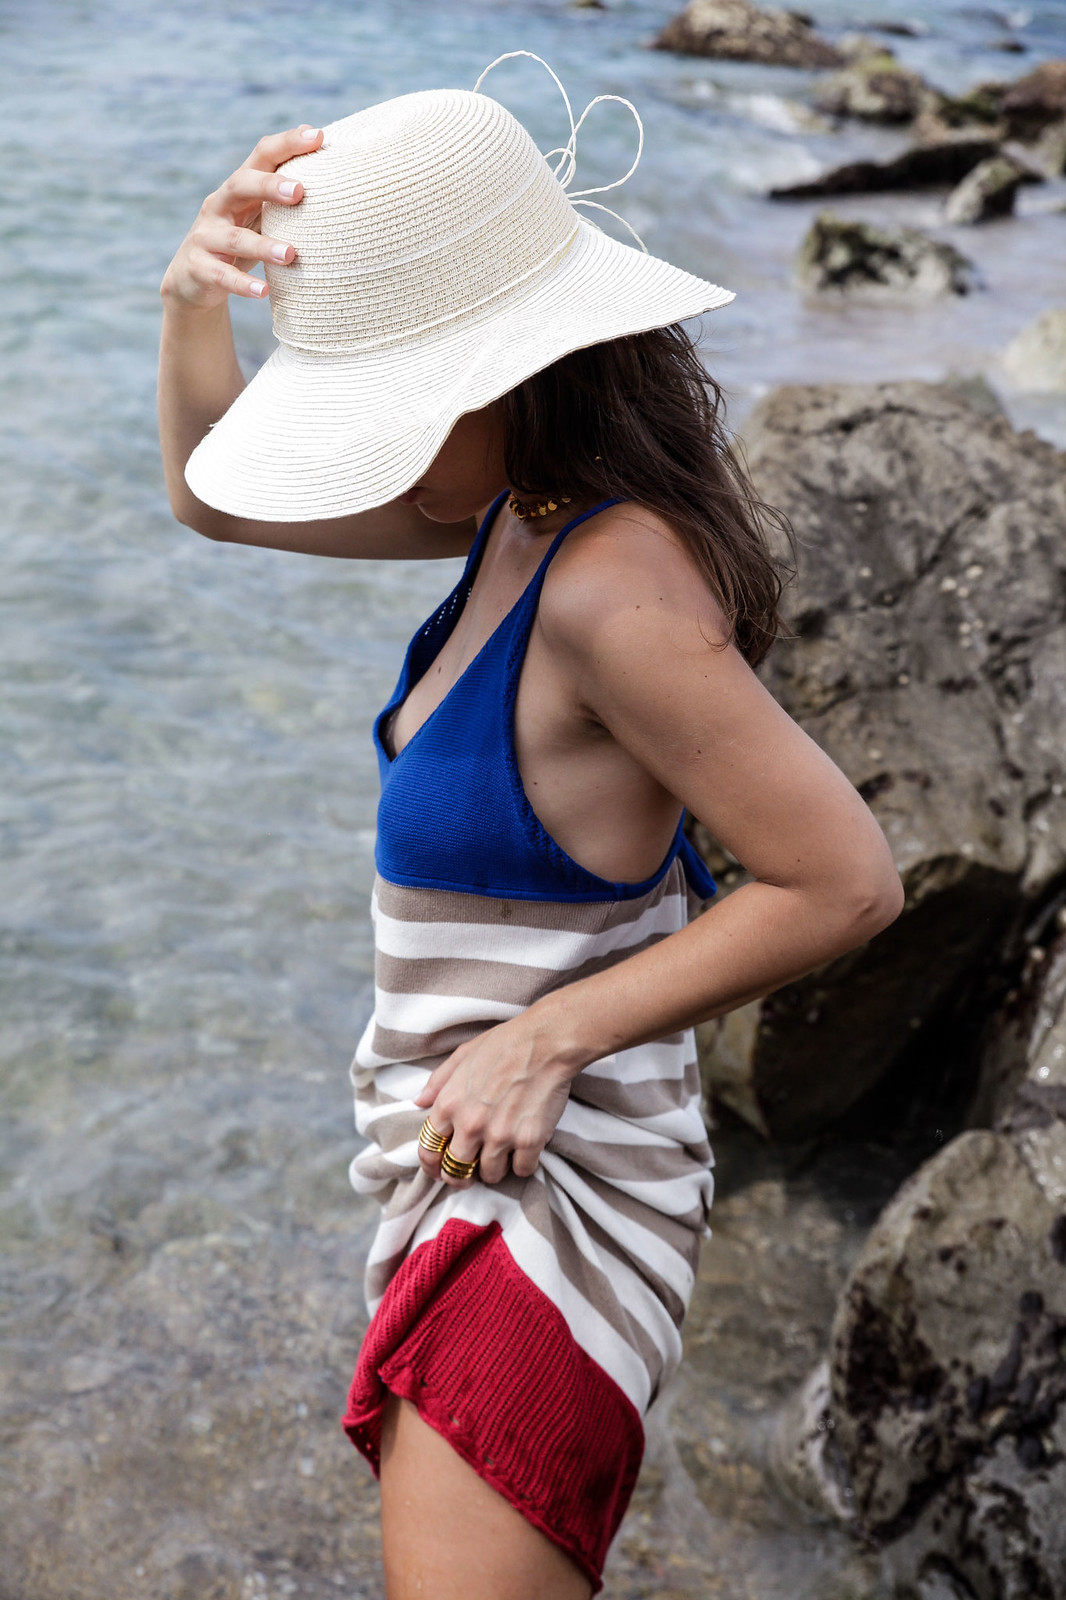 06_vestido_de_punto_rayas_rüga_coleccion_verano_the_guest_girl_ambassador_theguestgirl_barcelona_spain_cubelles_cala_secreta_sitges_influencer_moda_fashion_boho_